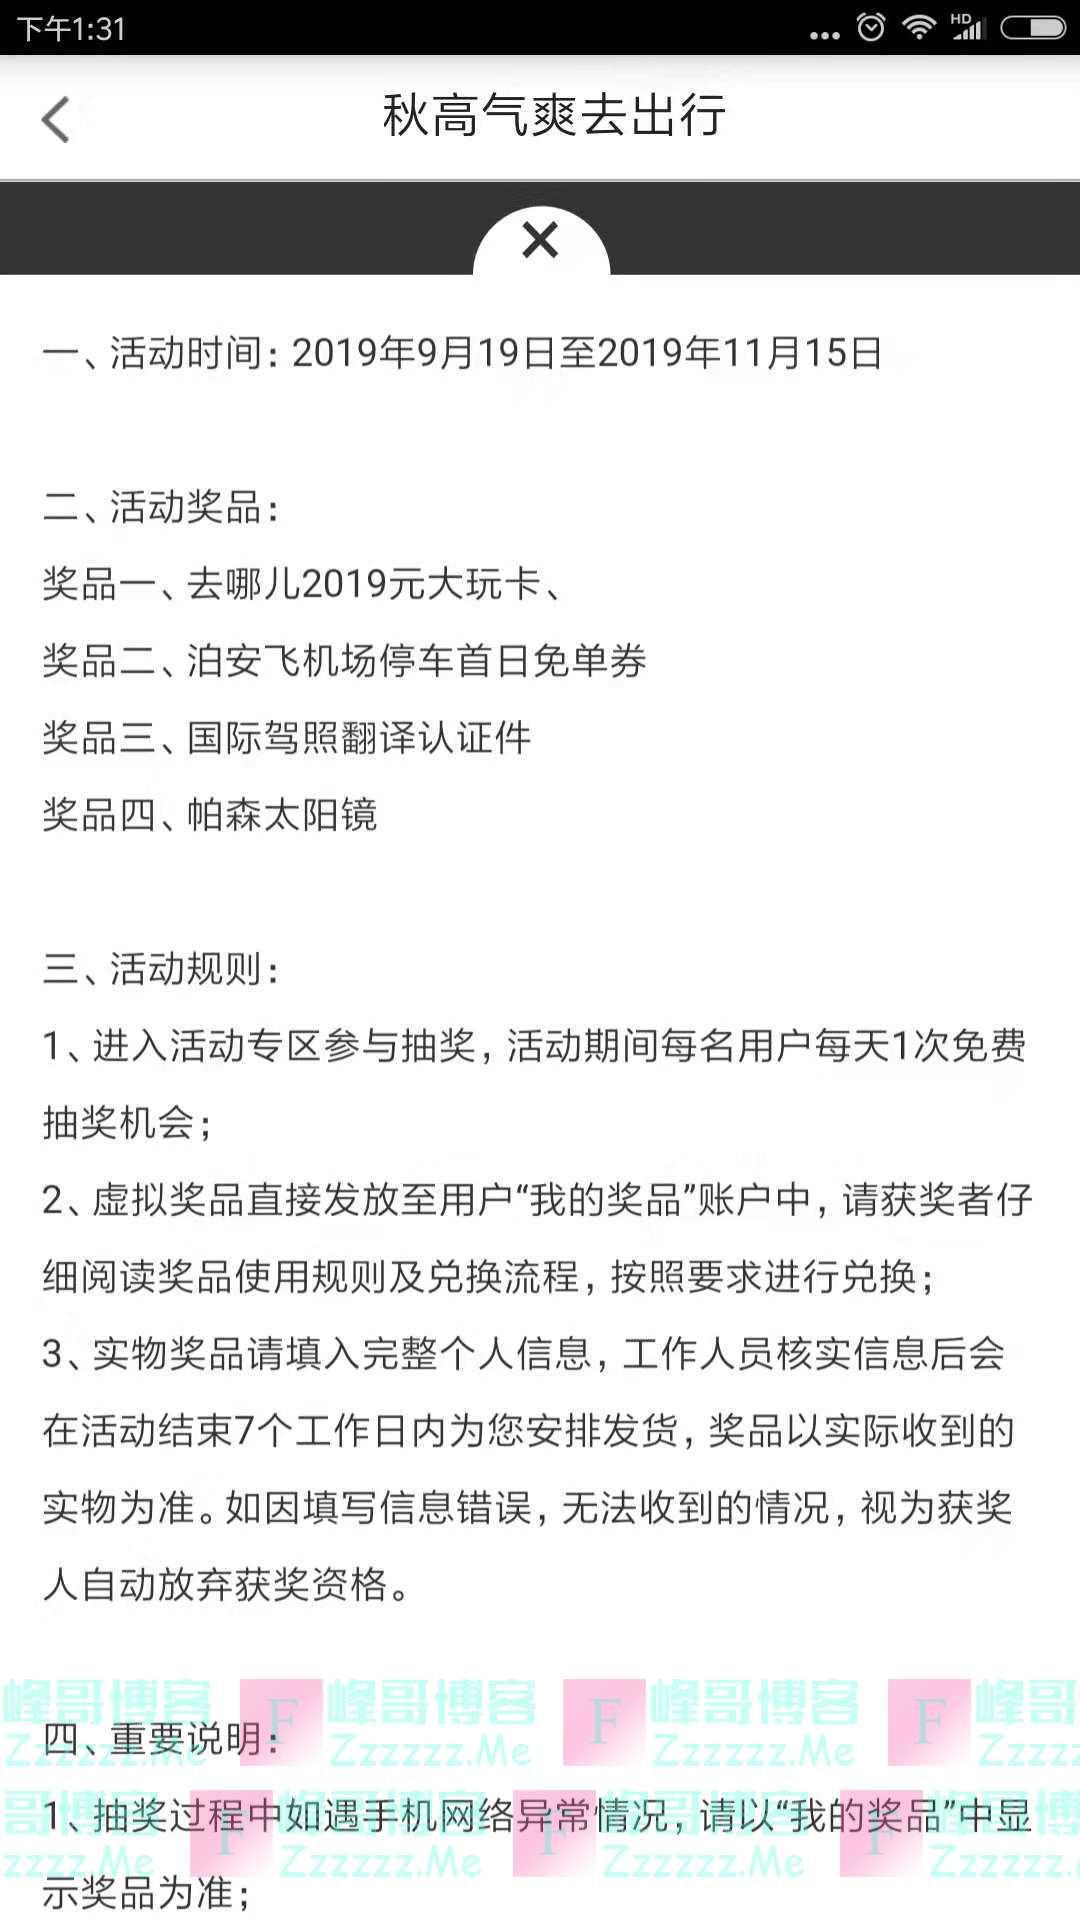 中国工商银行秋高气爽去出行(截止11月15日)